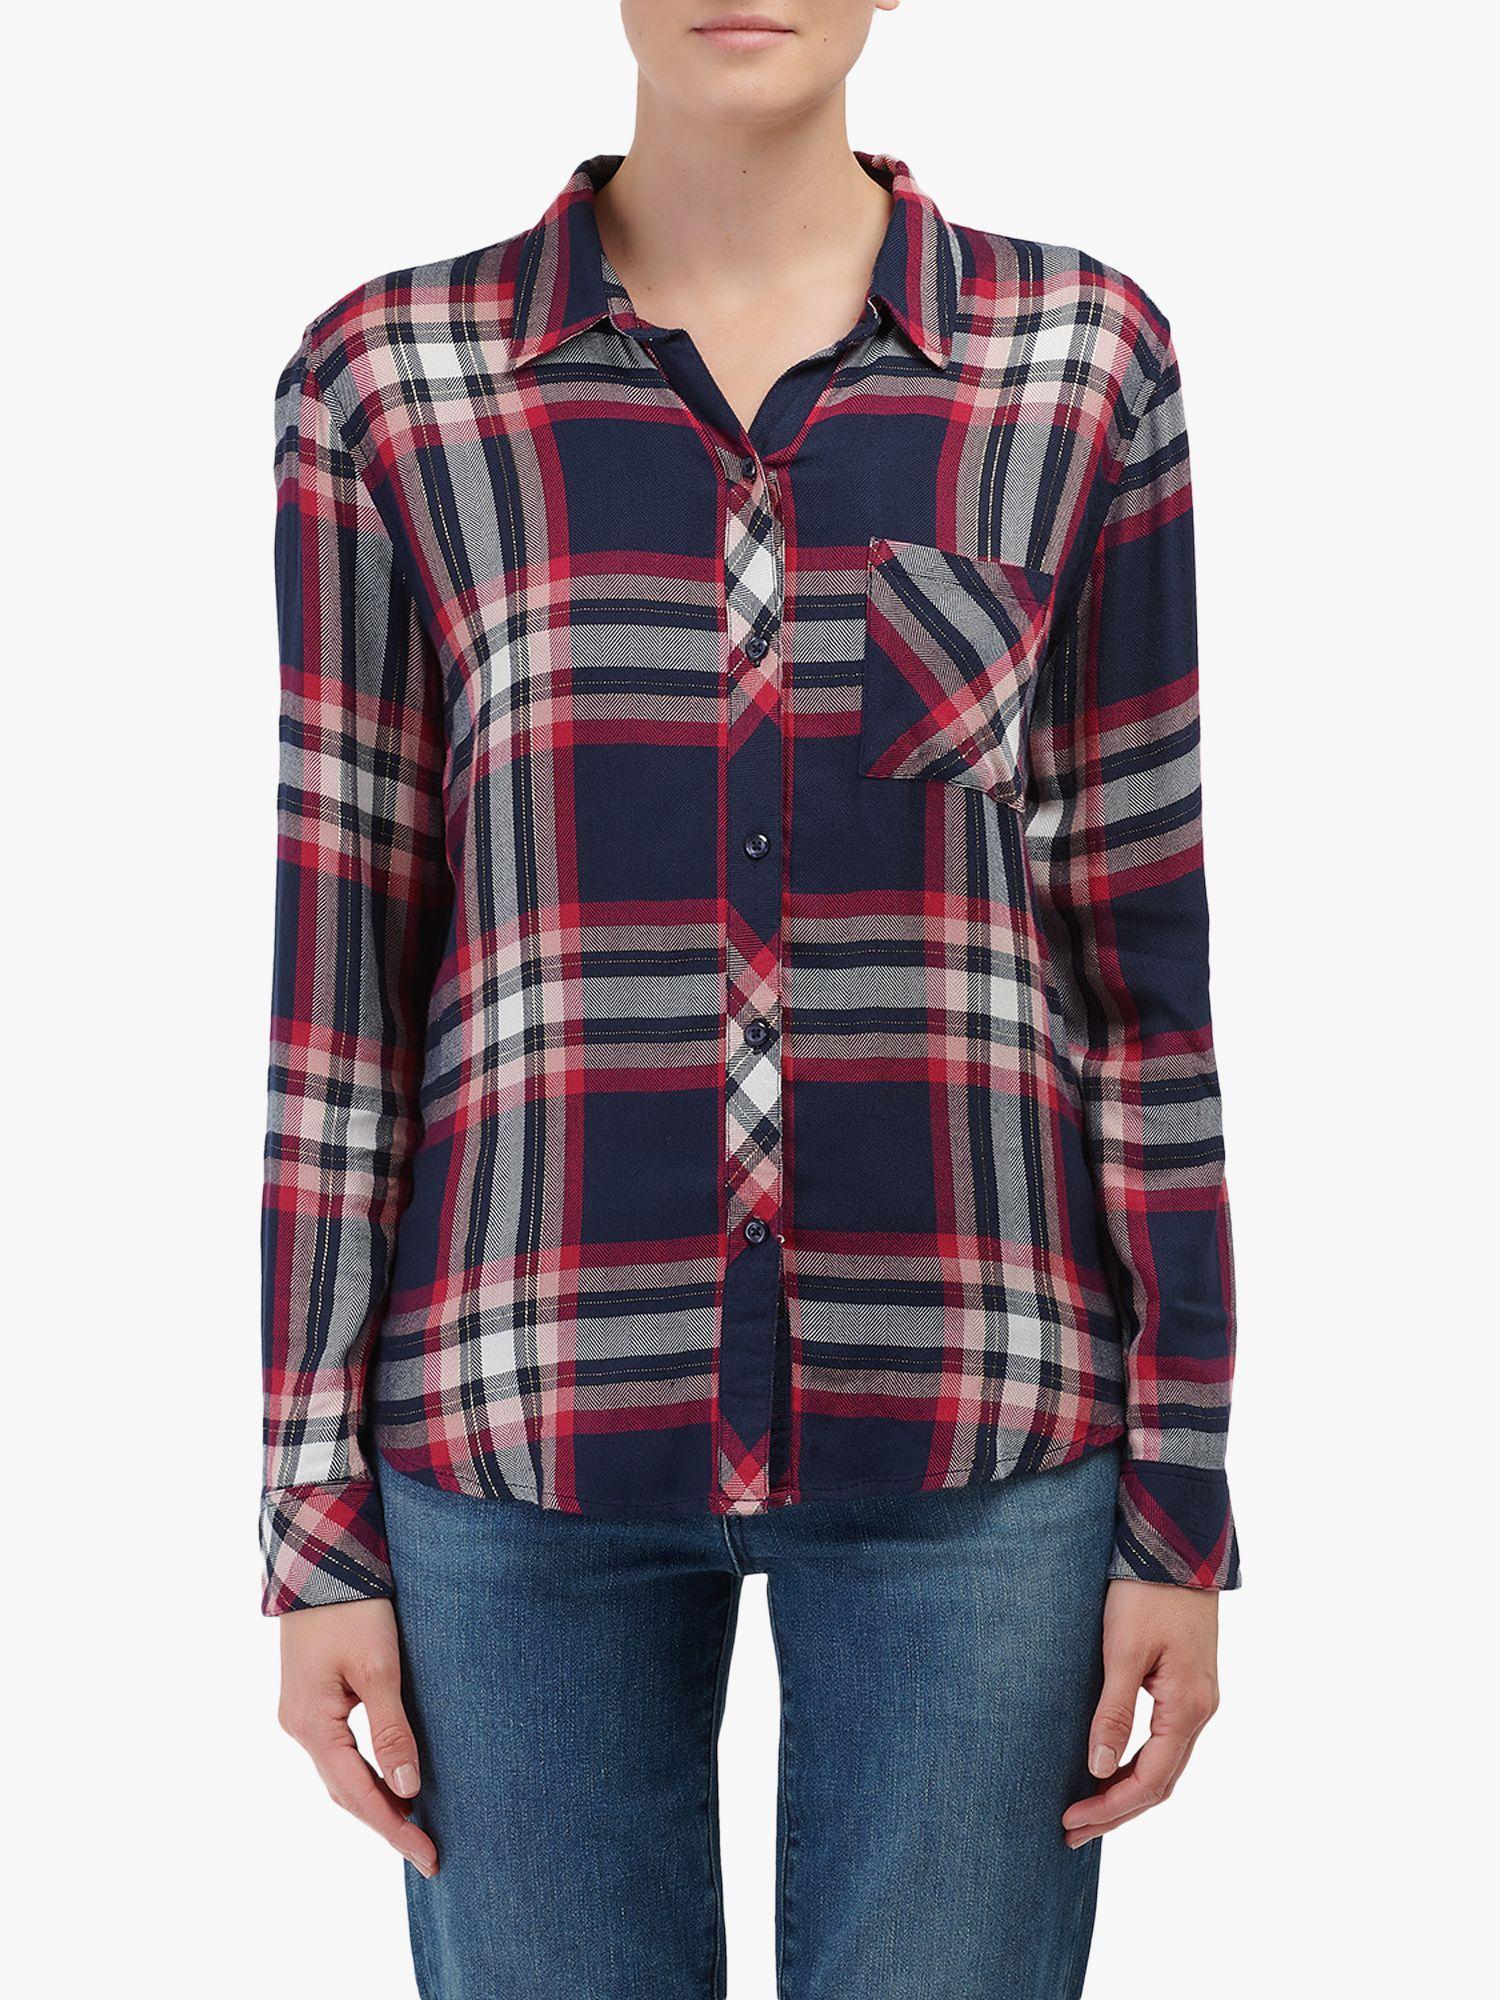 Rails Rails Hunter Check Print Shirt, Navy/Fuchsia Pink